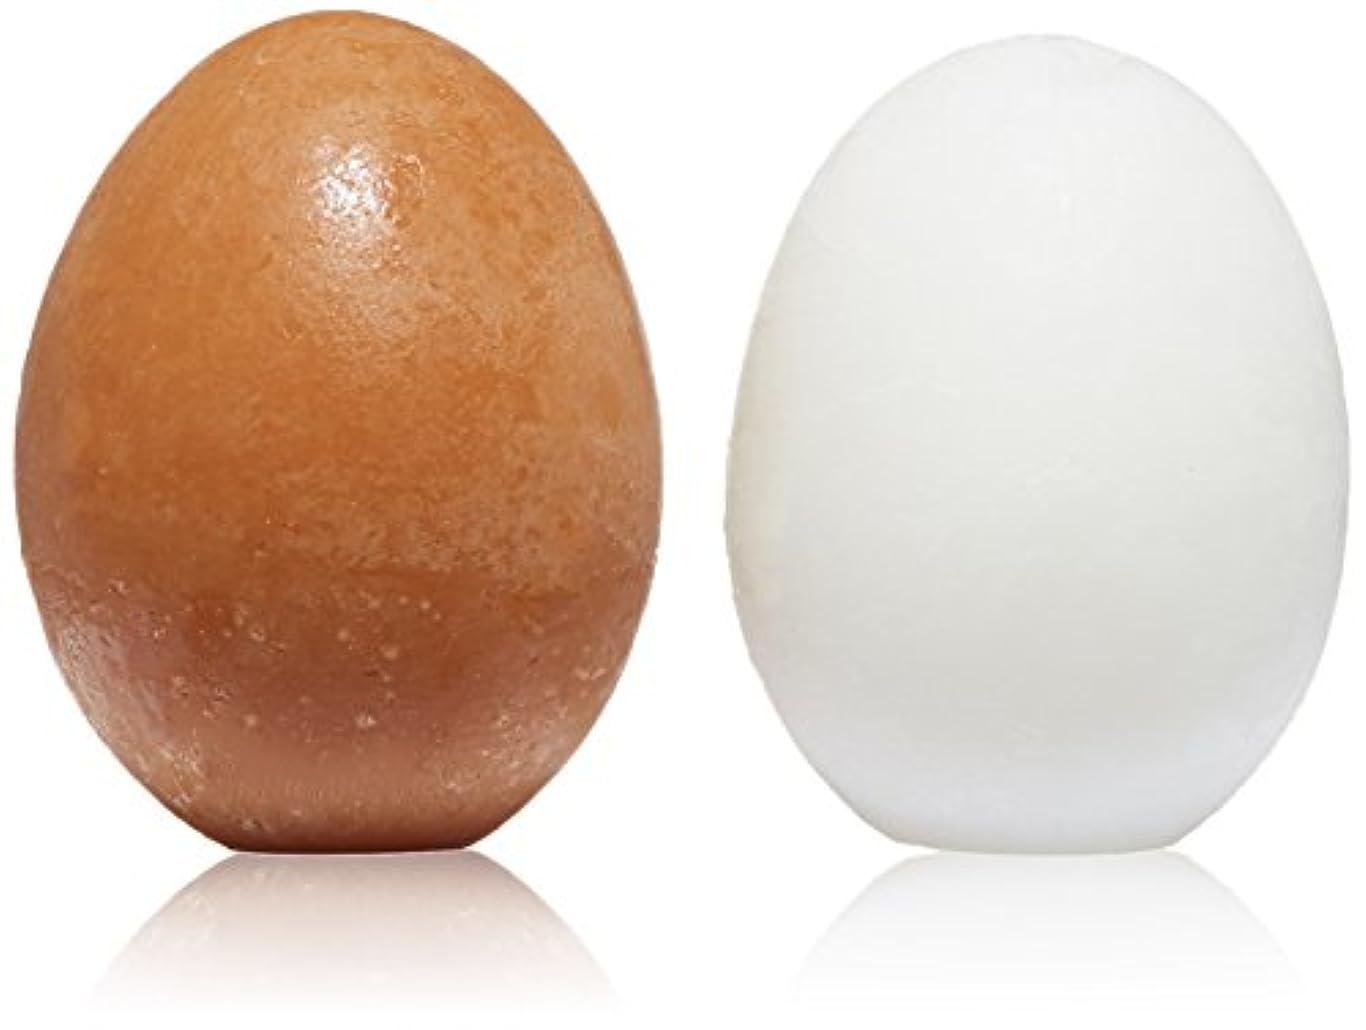 嫌い鬼ごっこ十トニーモリー Egg Pore Shiny Skin Soap 2x50g(8806358594442)